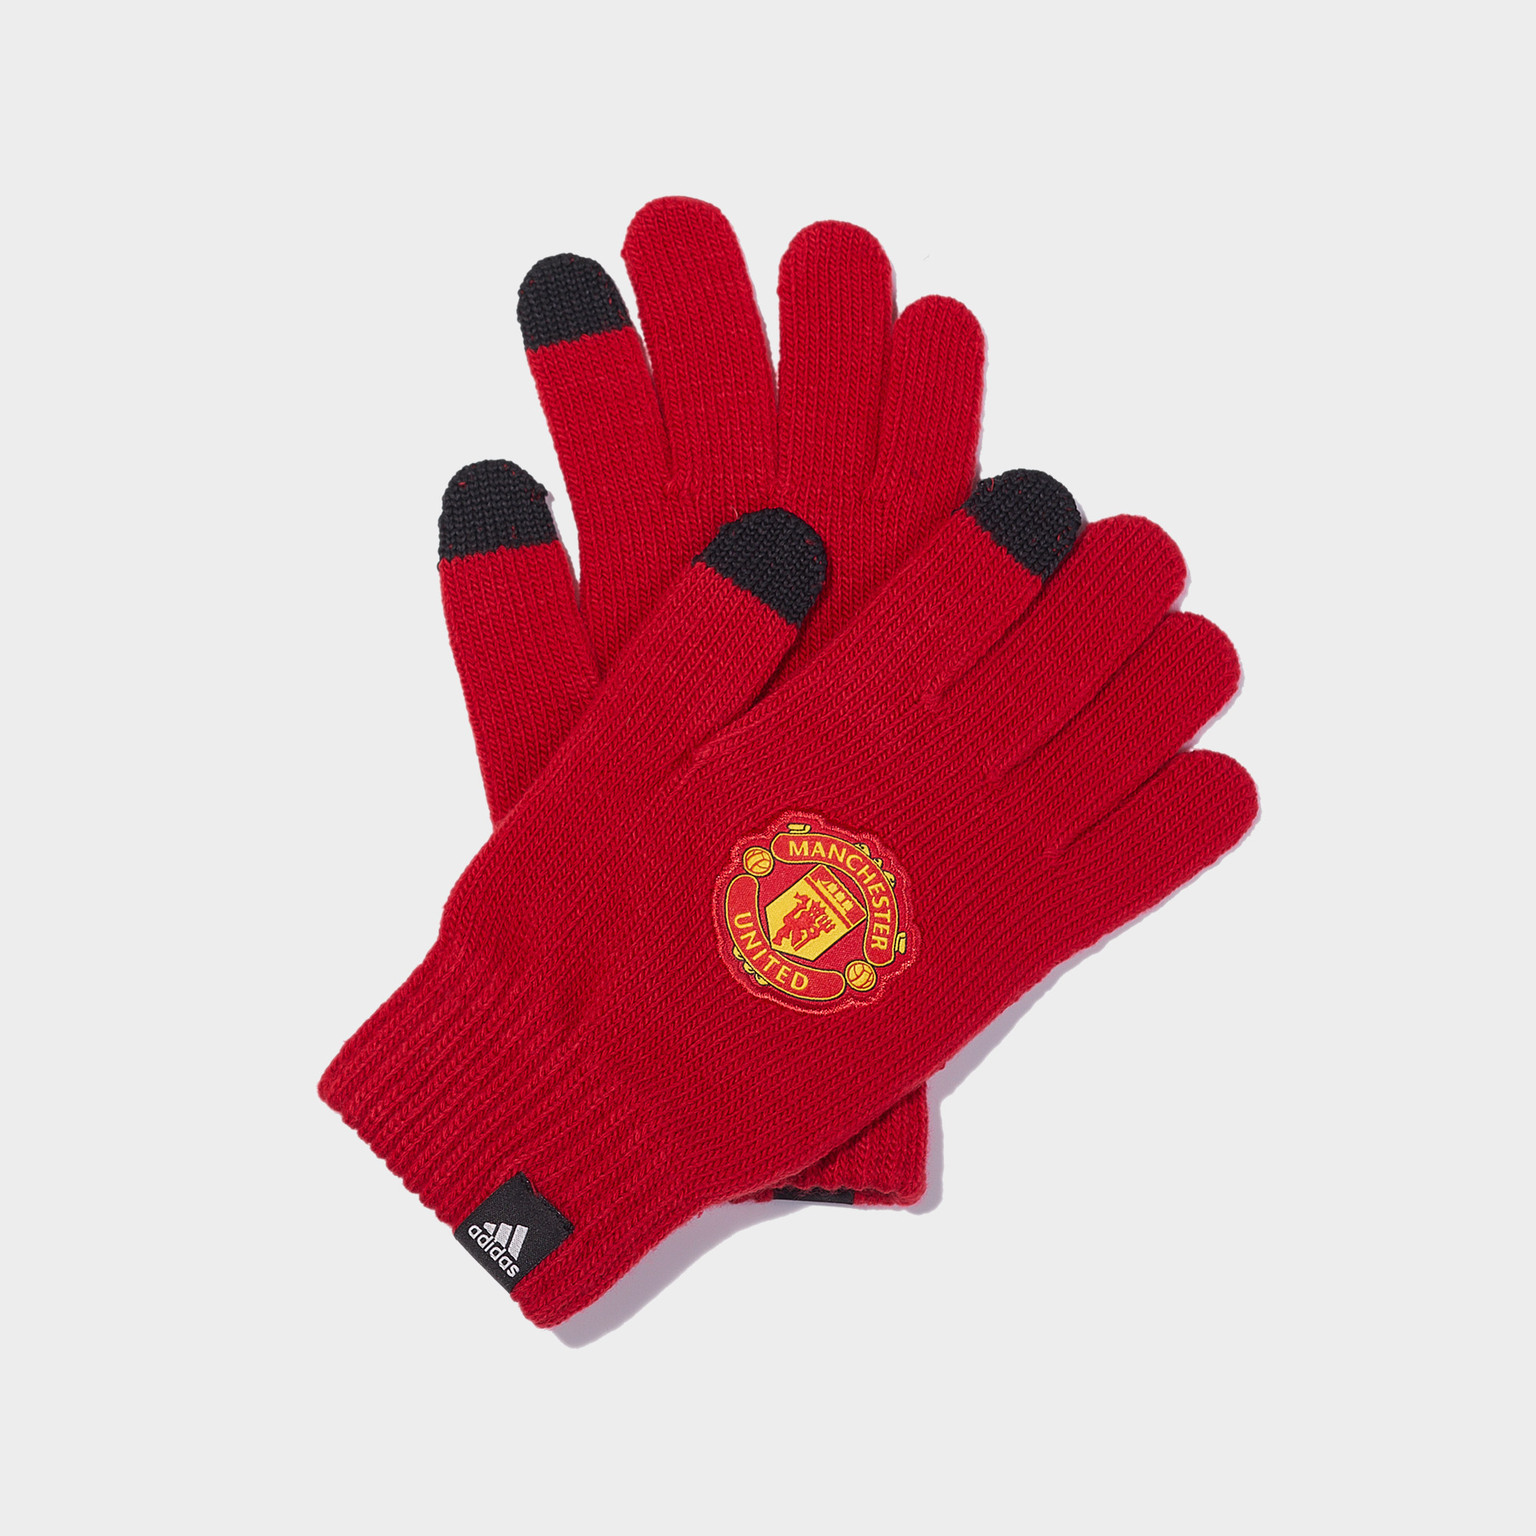 Перчатки тренировочные Adidas Manchester United FS0139 шорты тренировочные adidas manchester united 2019 20